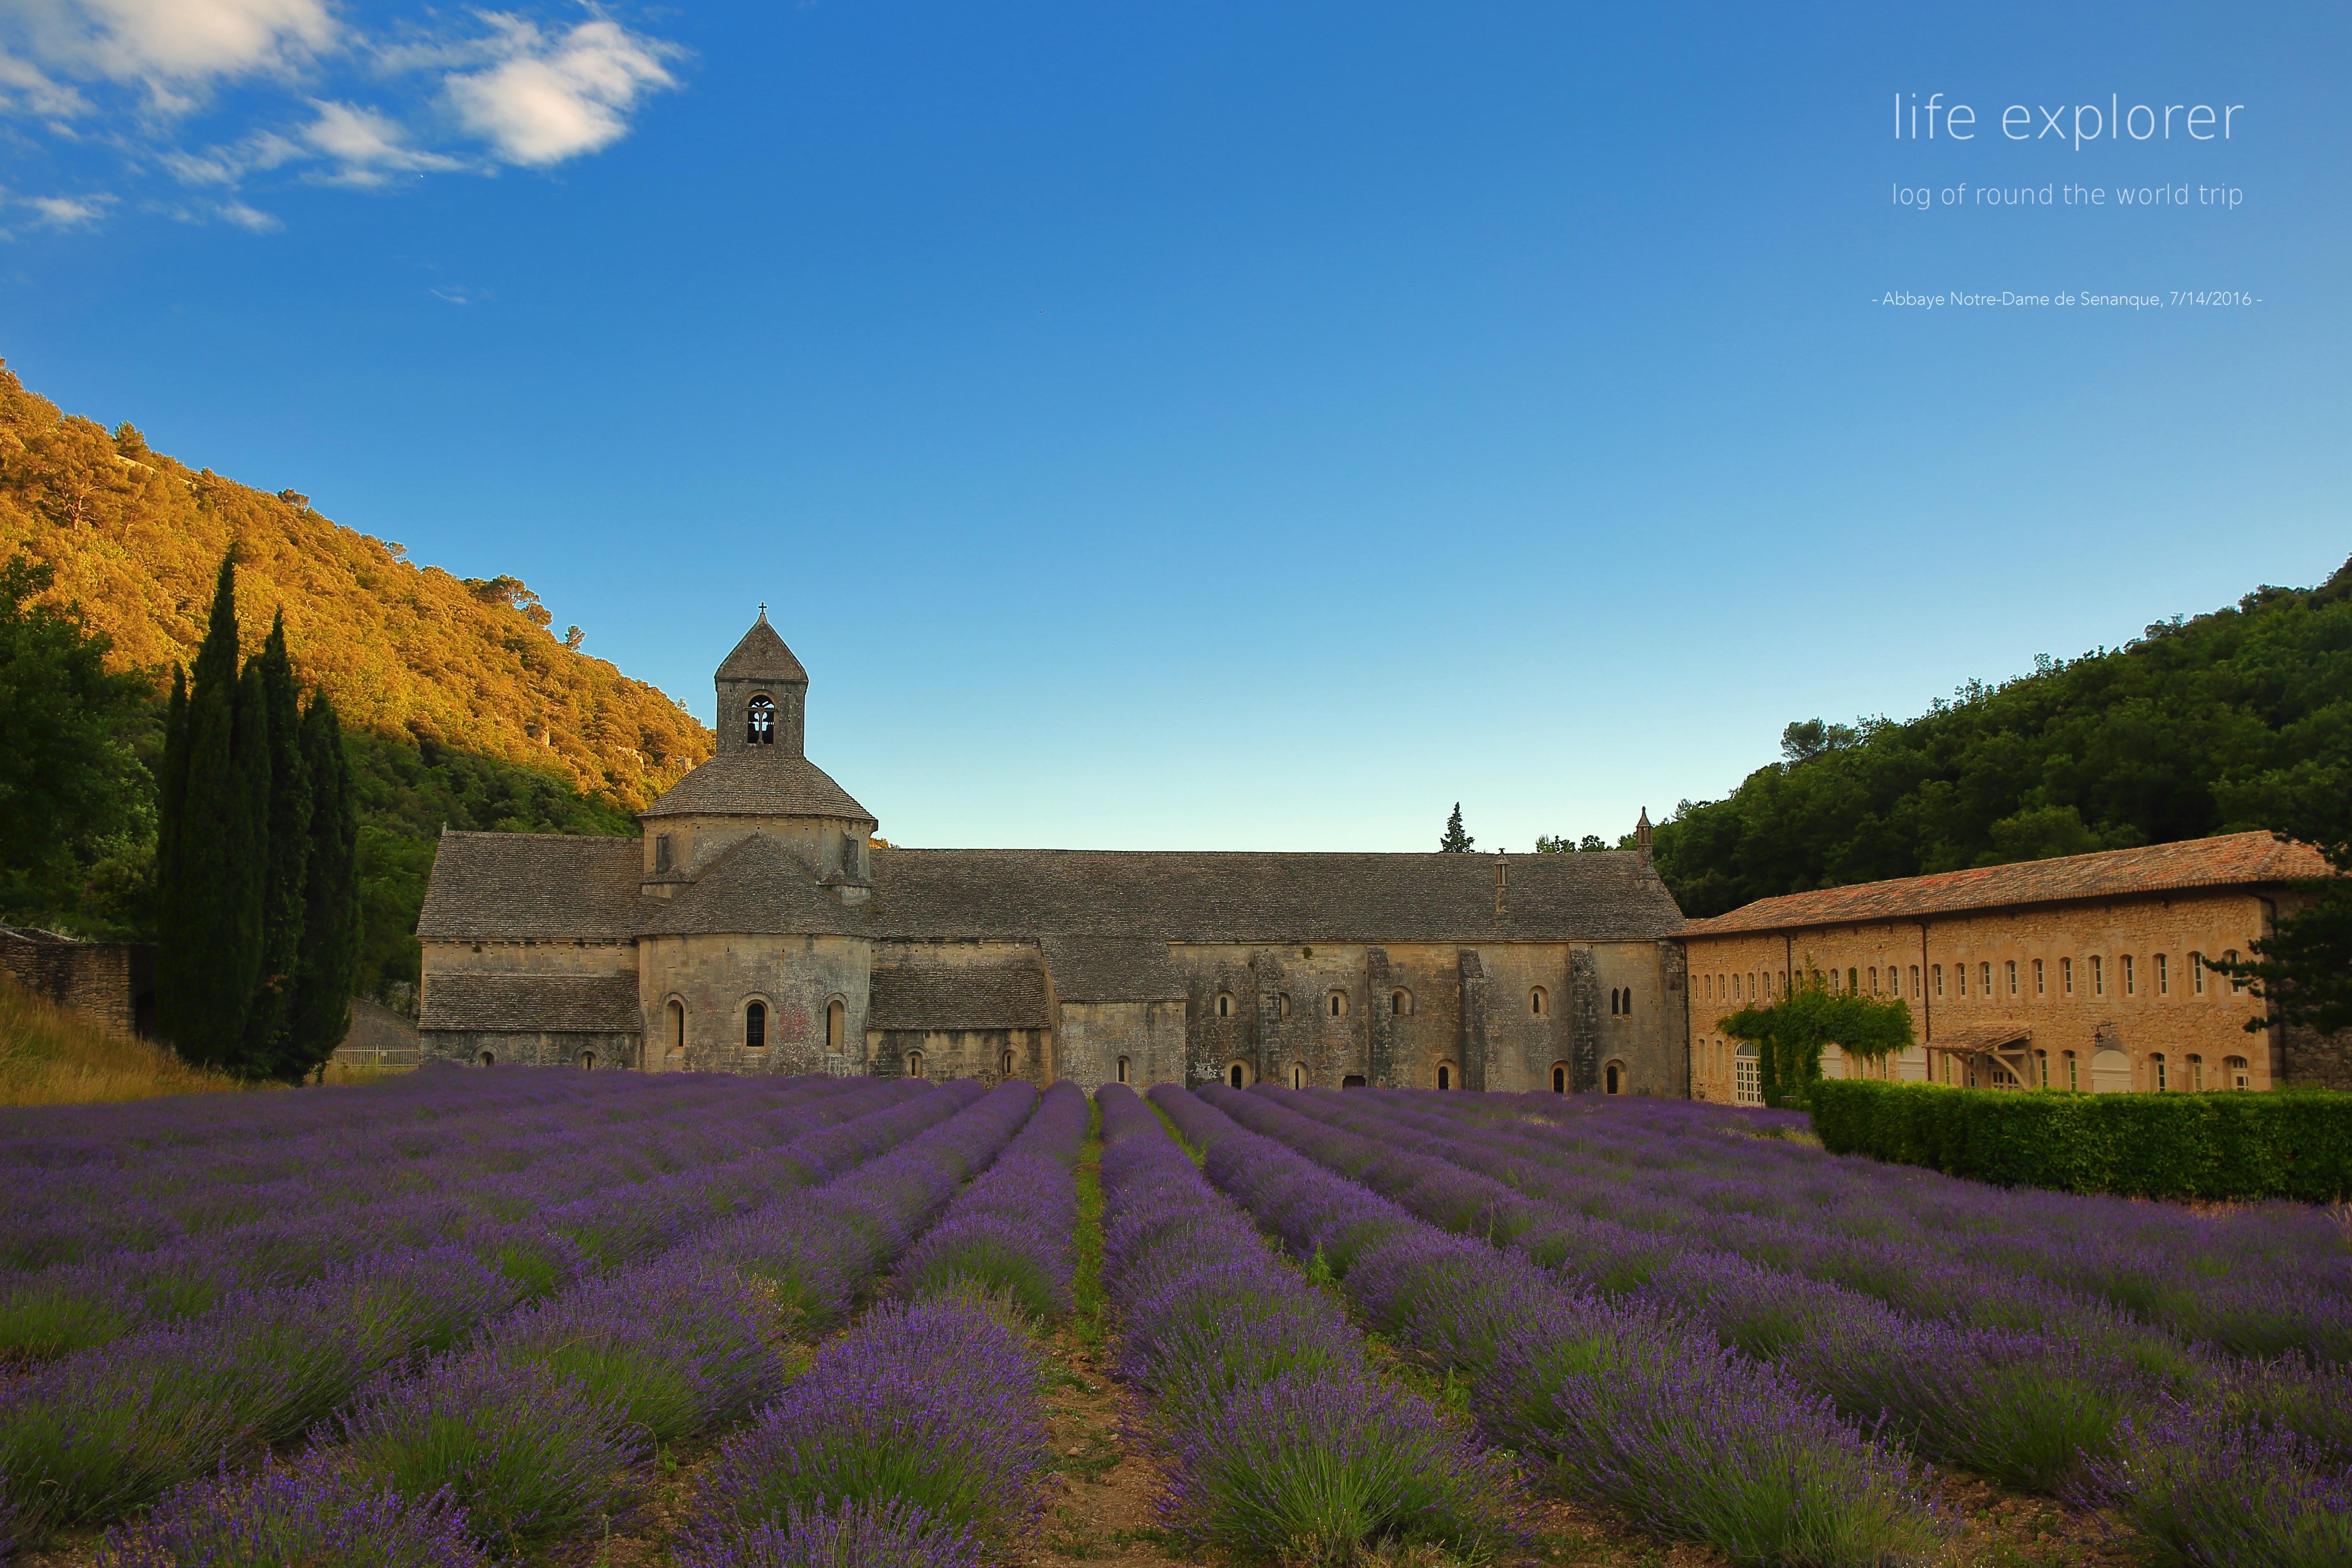 """#62 世界で最も香り高い畑 「プロヴァンスのラベンダー畑」- The World's Most Fragrant Field """"Lavender Field in Provence"""""""